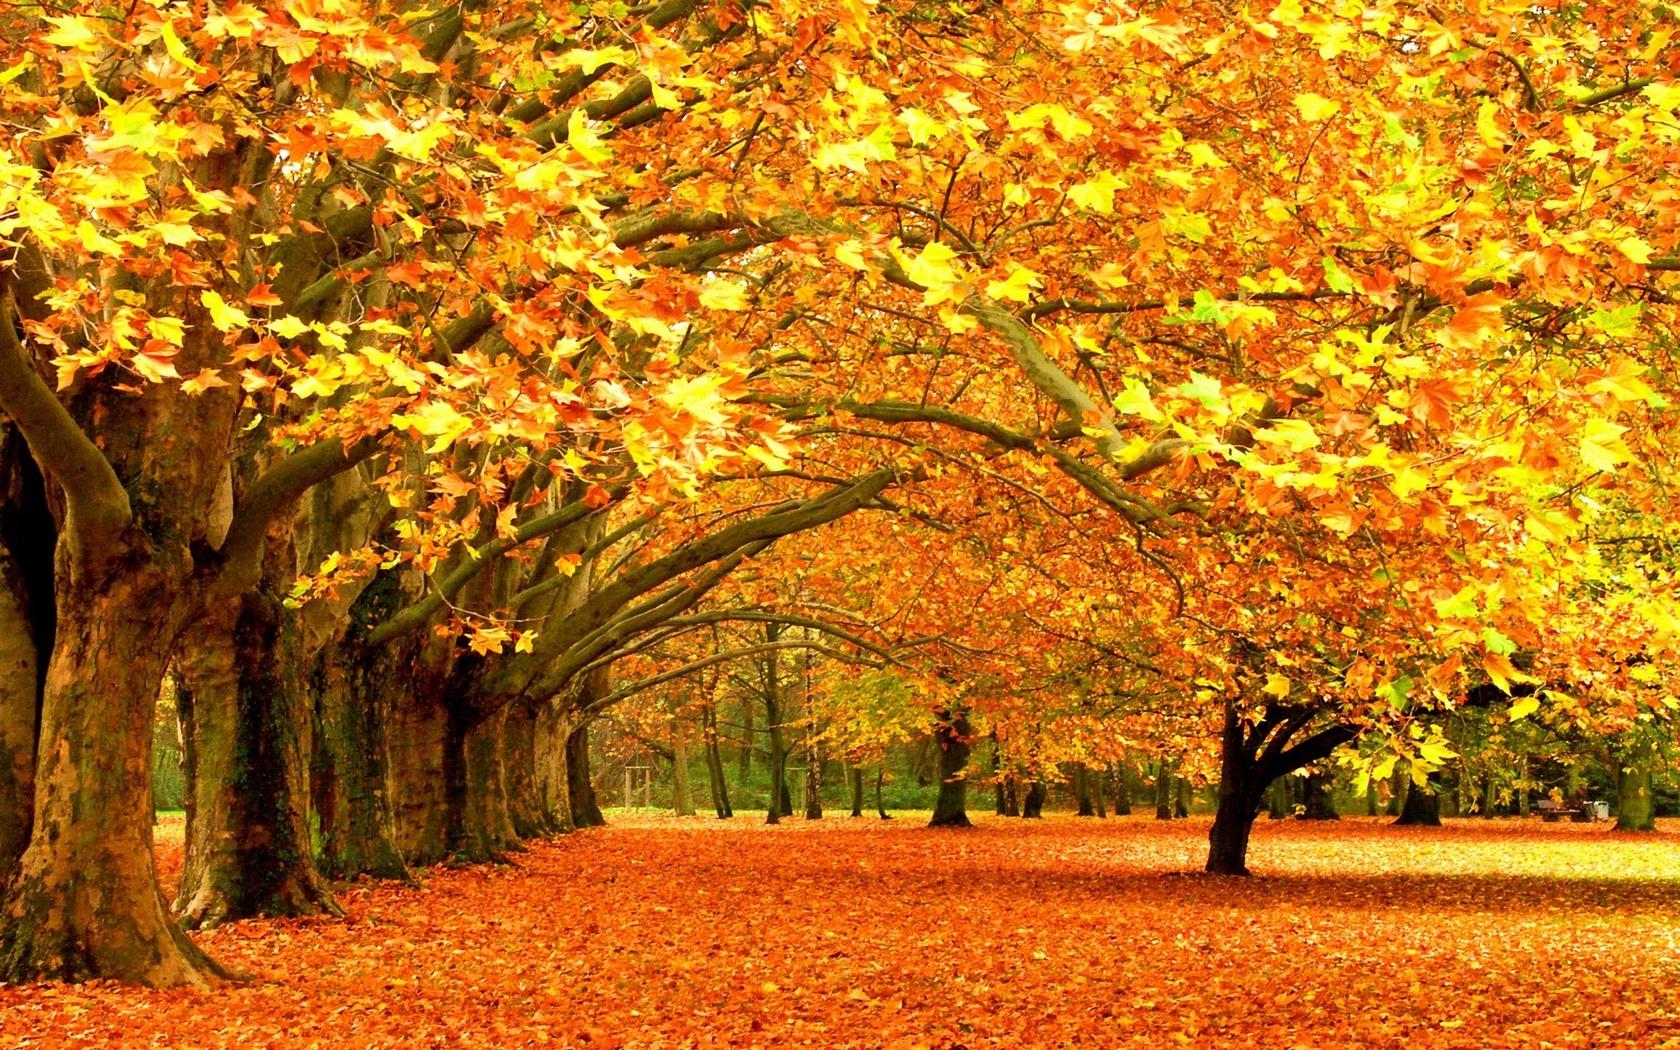 подходящих цветов, природа картинки красивые времена года предыдущим